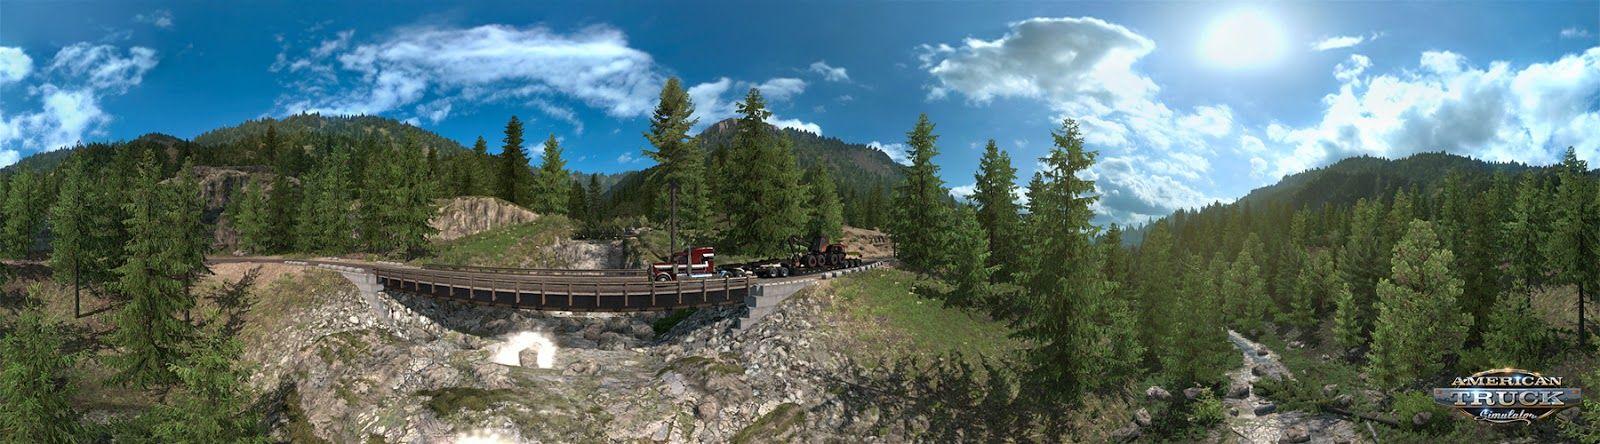 American Truck Simulator: Washington – дороги к лесозаготовительным точкам [Часть 2]